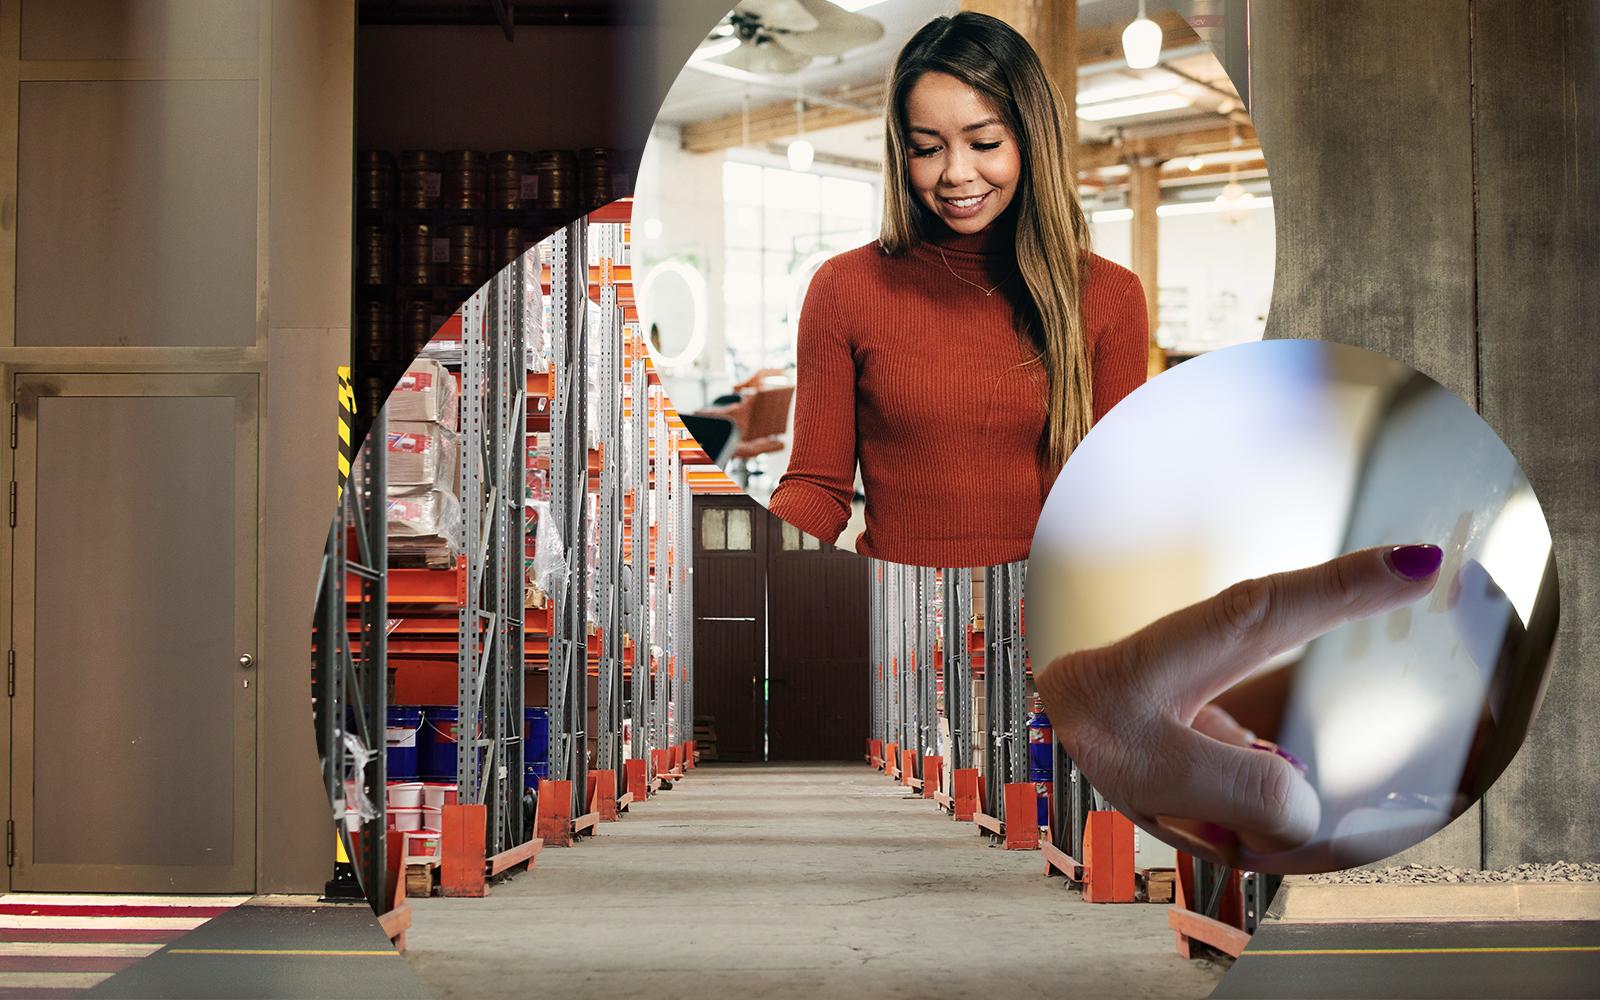 Bild einer lächelnden Frau, im Hintergrund Regale eines Baumarktes sowie die Nahaufnahme eines Tablet-Bildschirmes